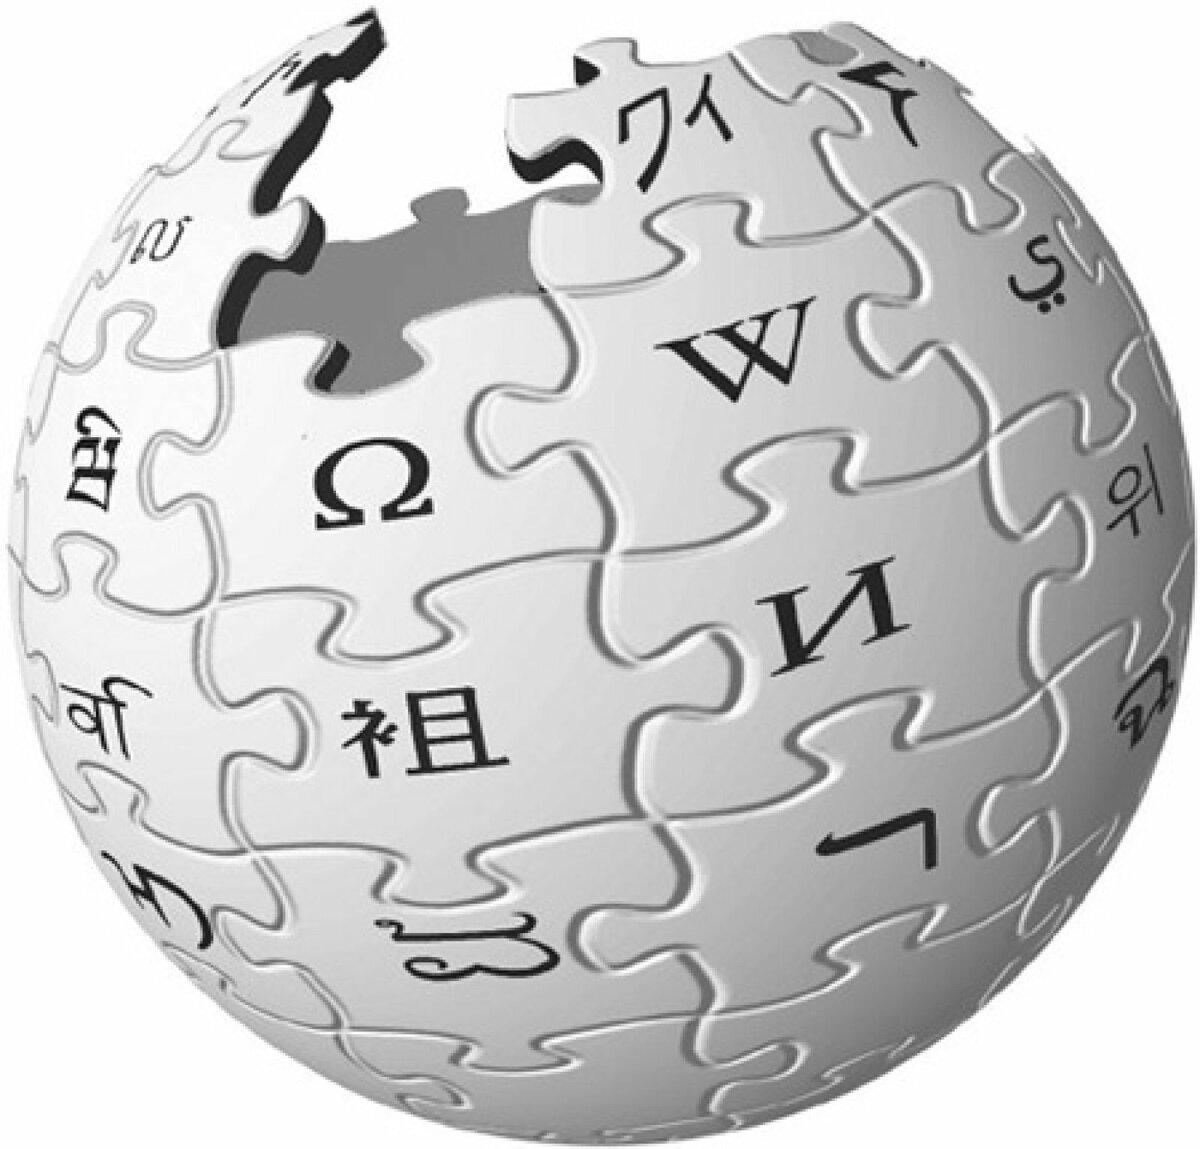 15 января 2001 года - день рождения Википедии